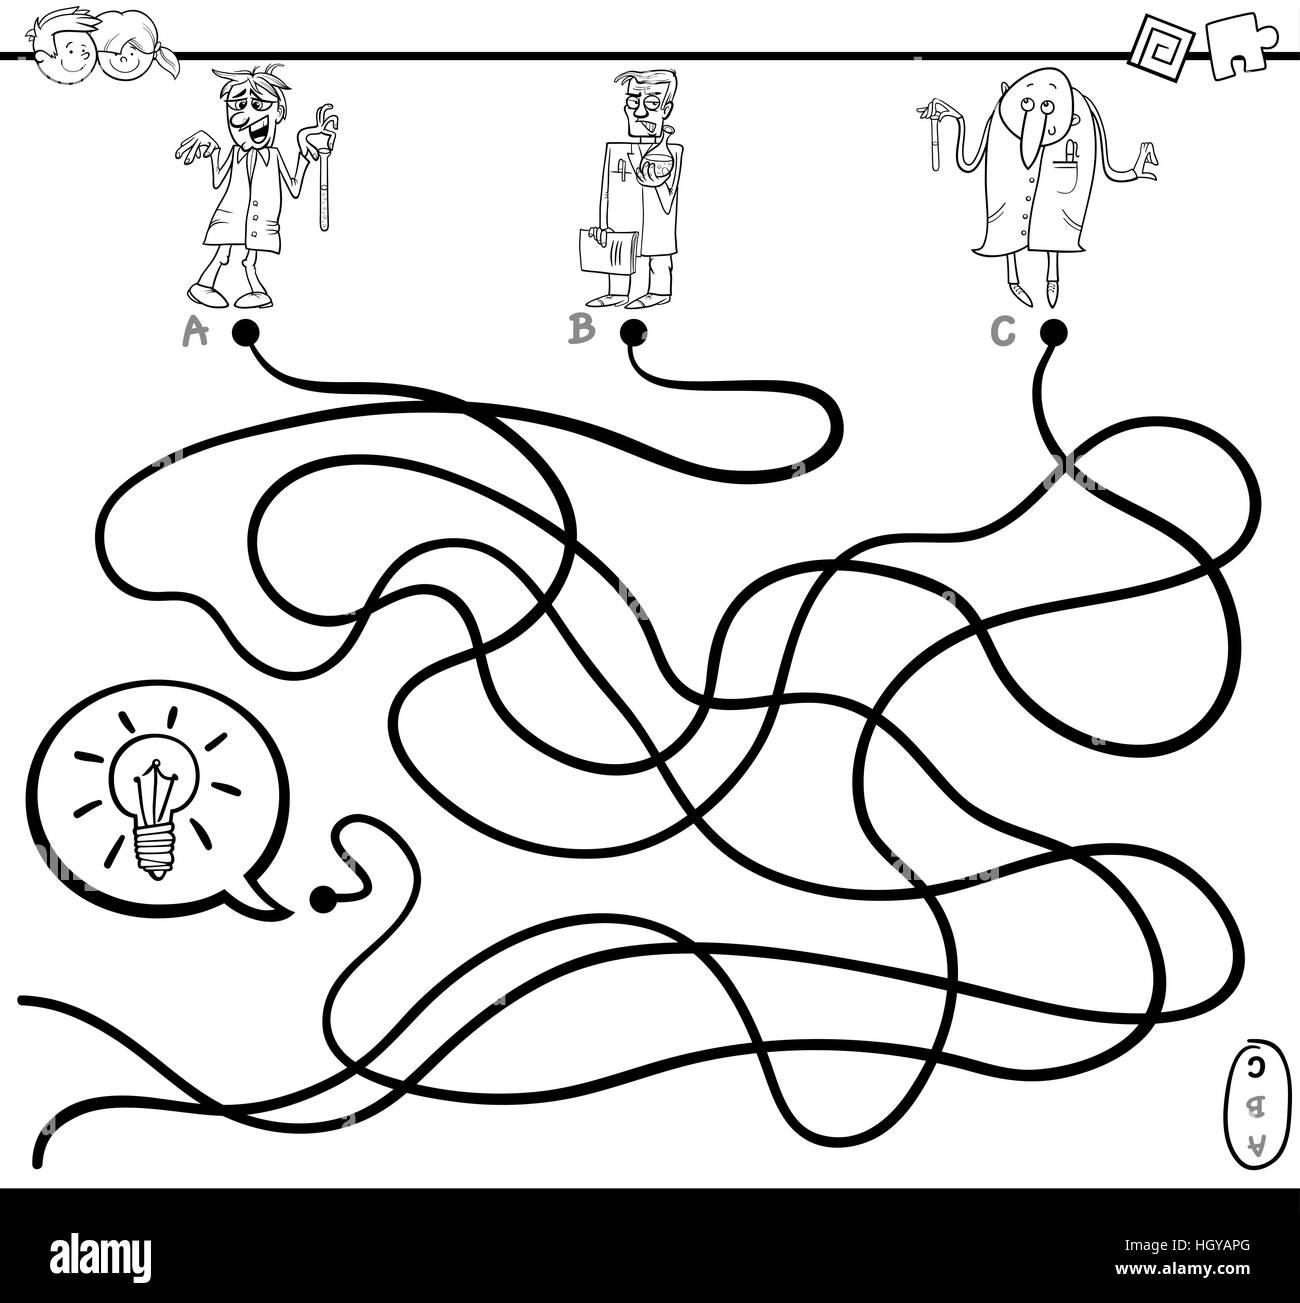 Schwarz / Weiß Cartoon Illustration Pfade oder Labyrinth Aktivität ...